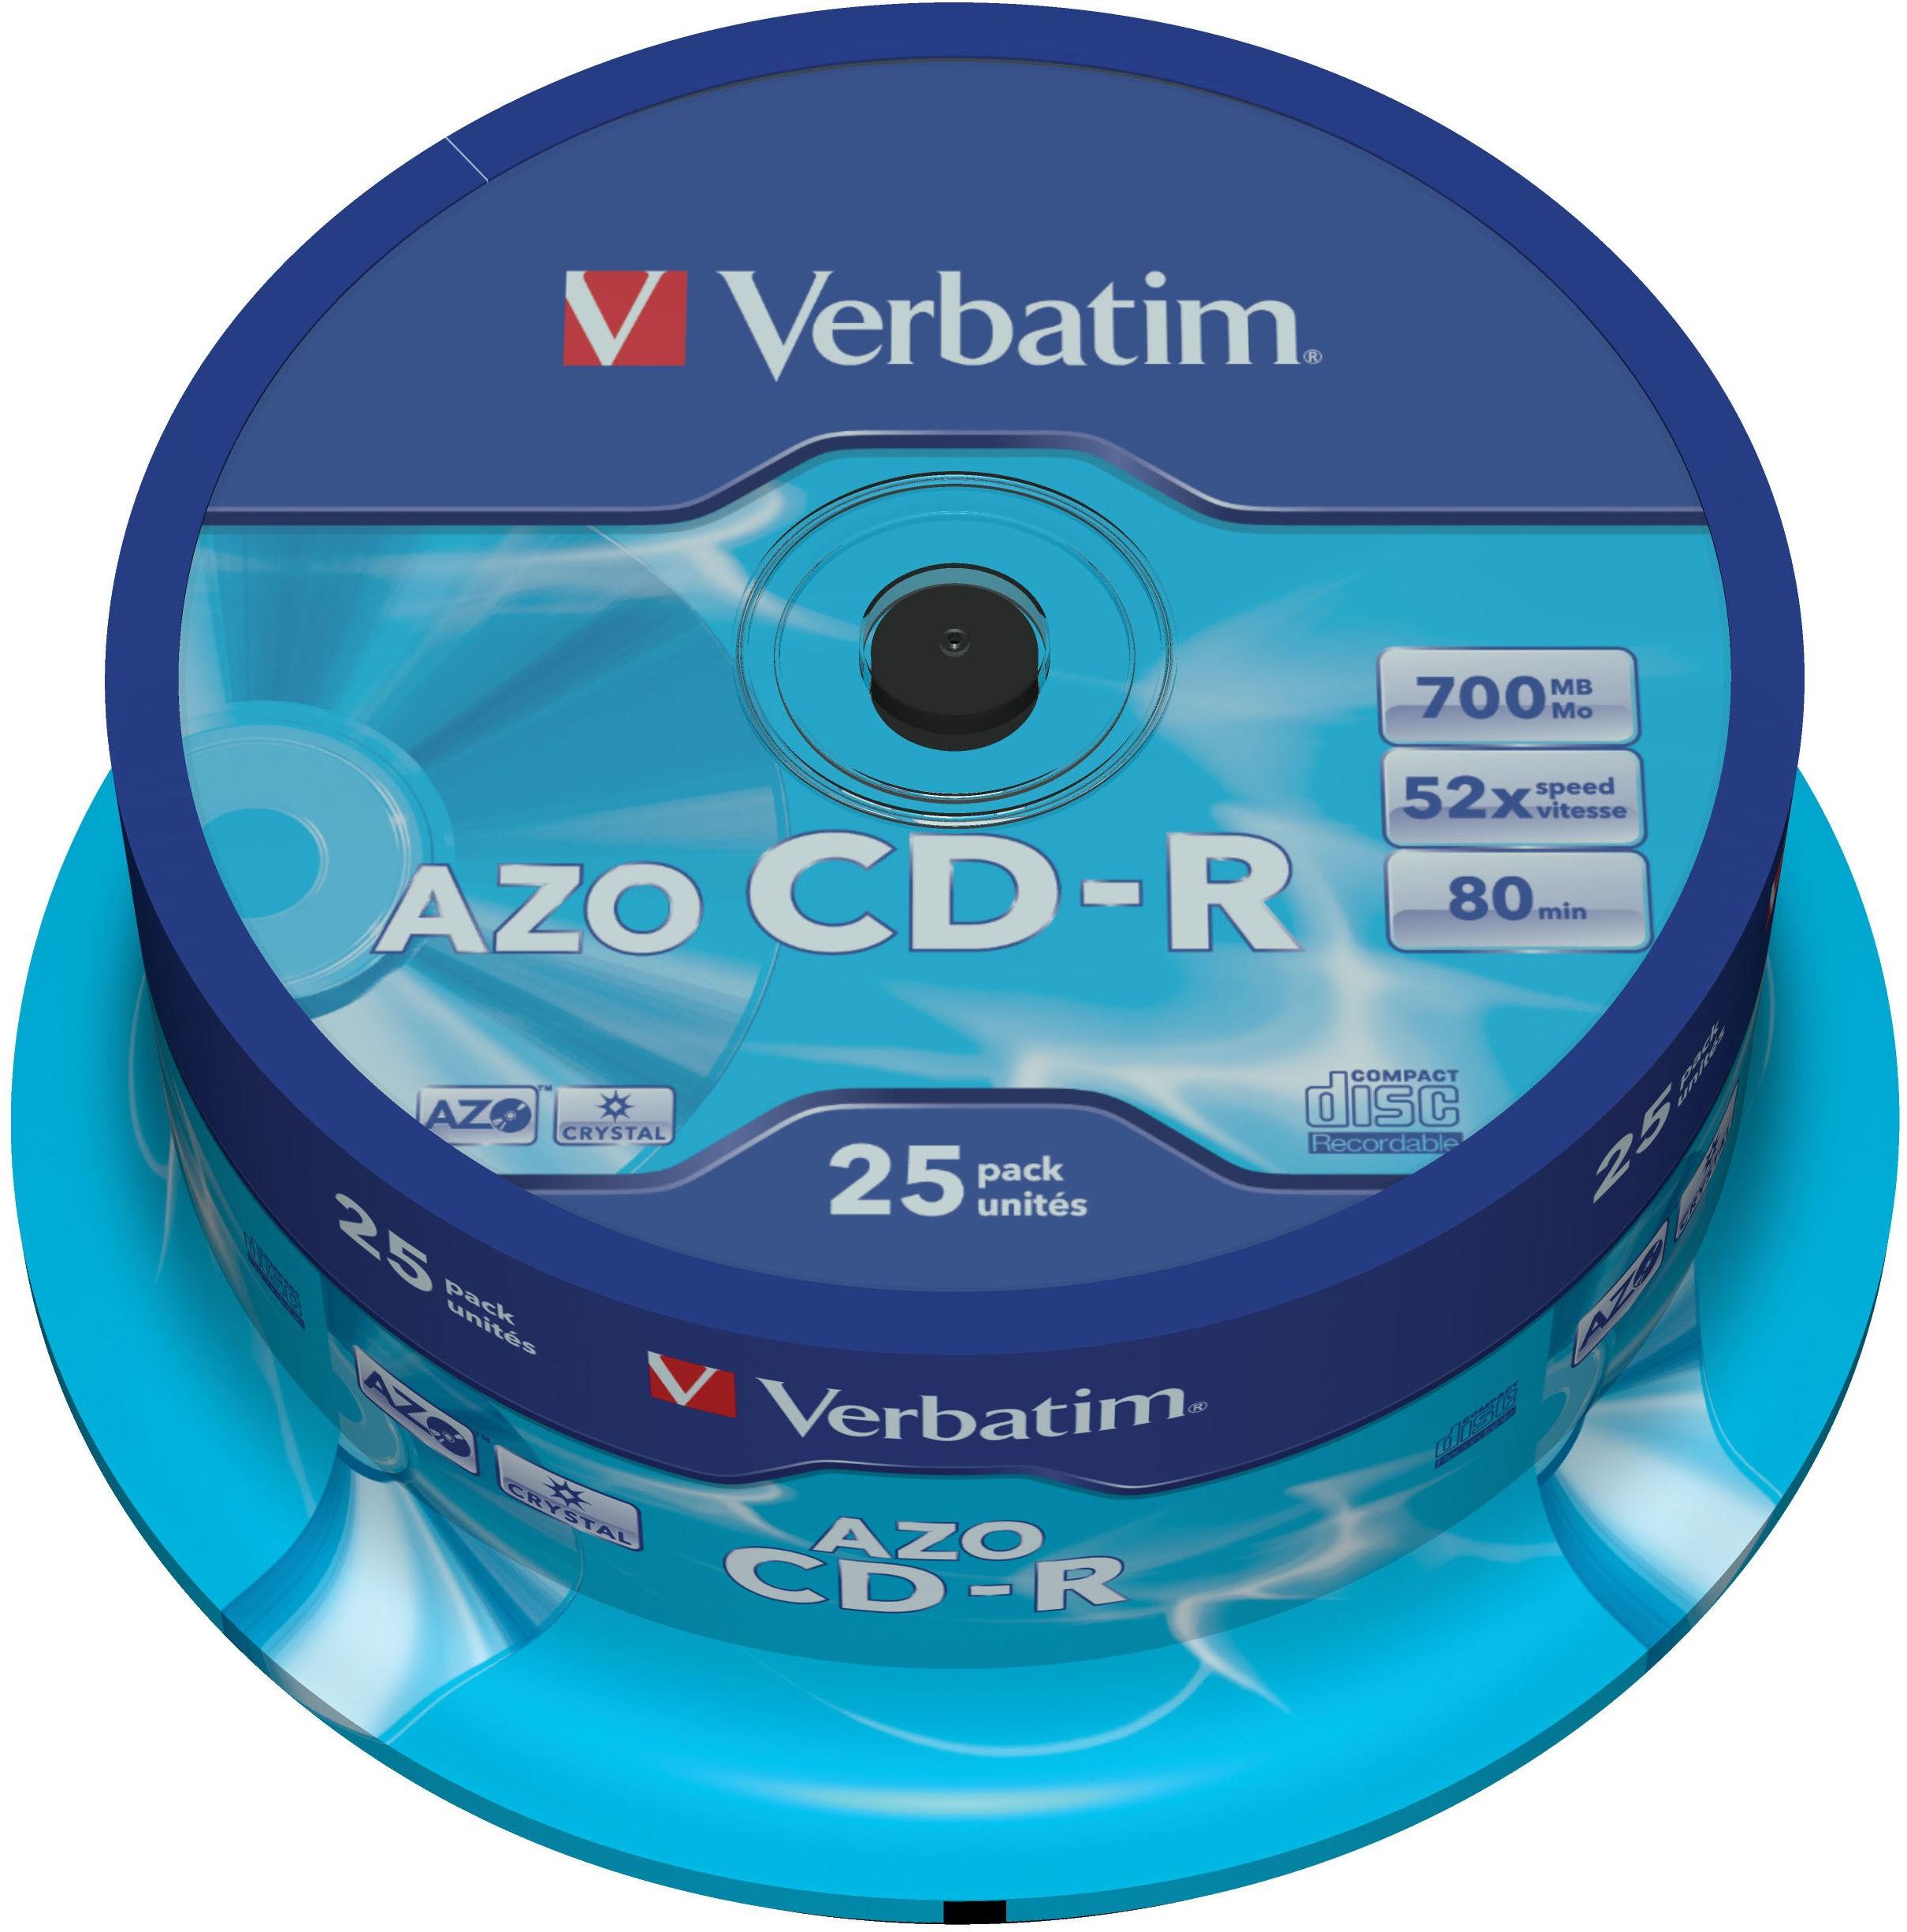 CD-R VERBATIM 52X 700MB CRYSTAL CAKE 25